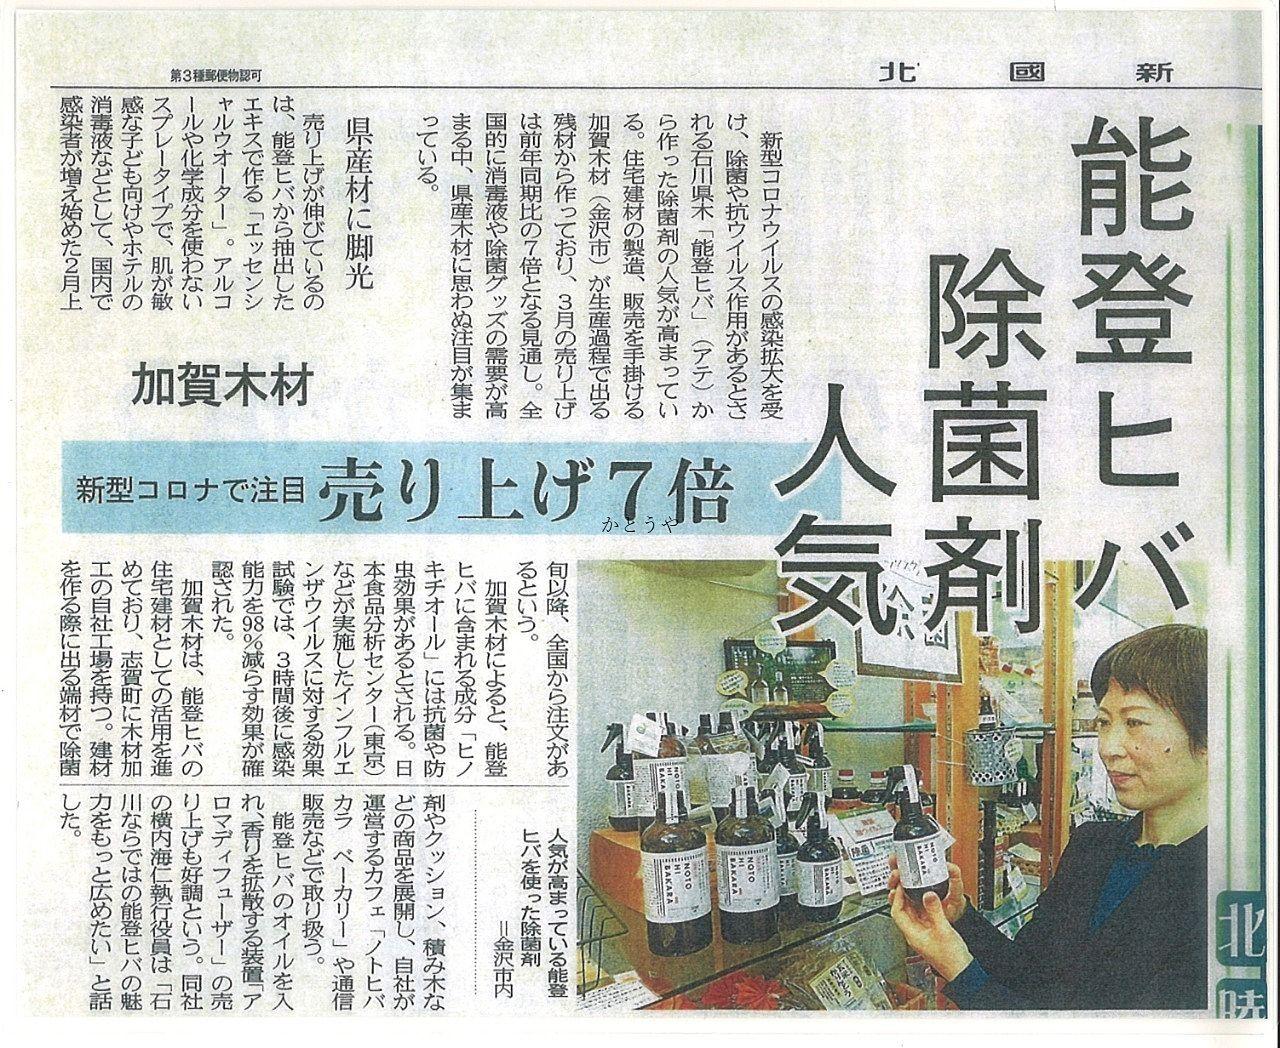 NOTOHIBAKARAの効果を謳う記事